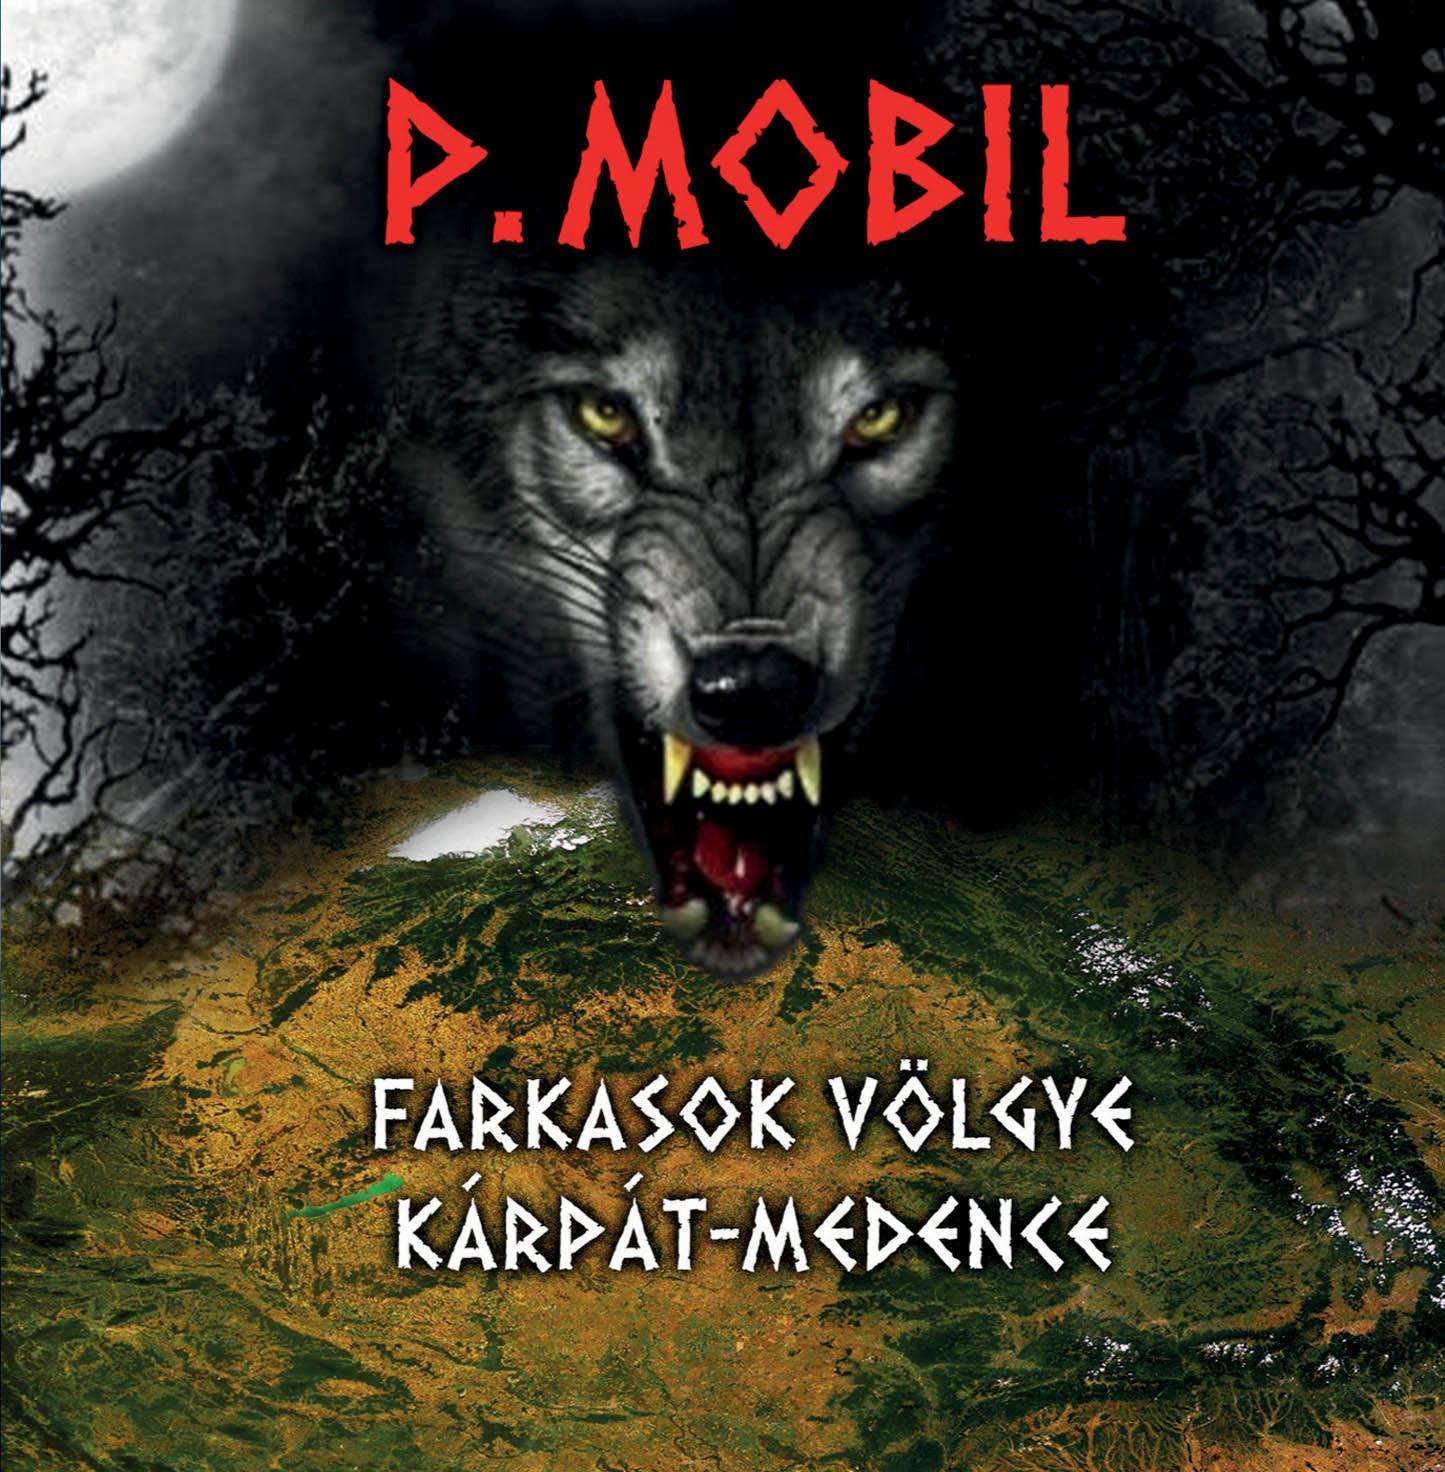 FARKASOK VÖLGYE KÁRPÁT-MEDENCE - CD -